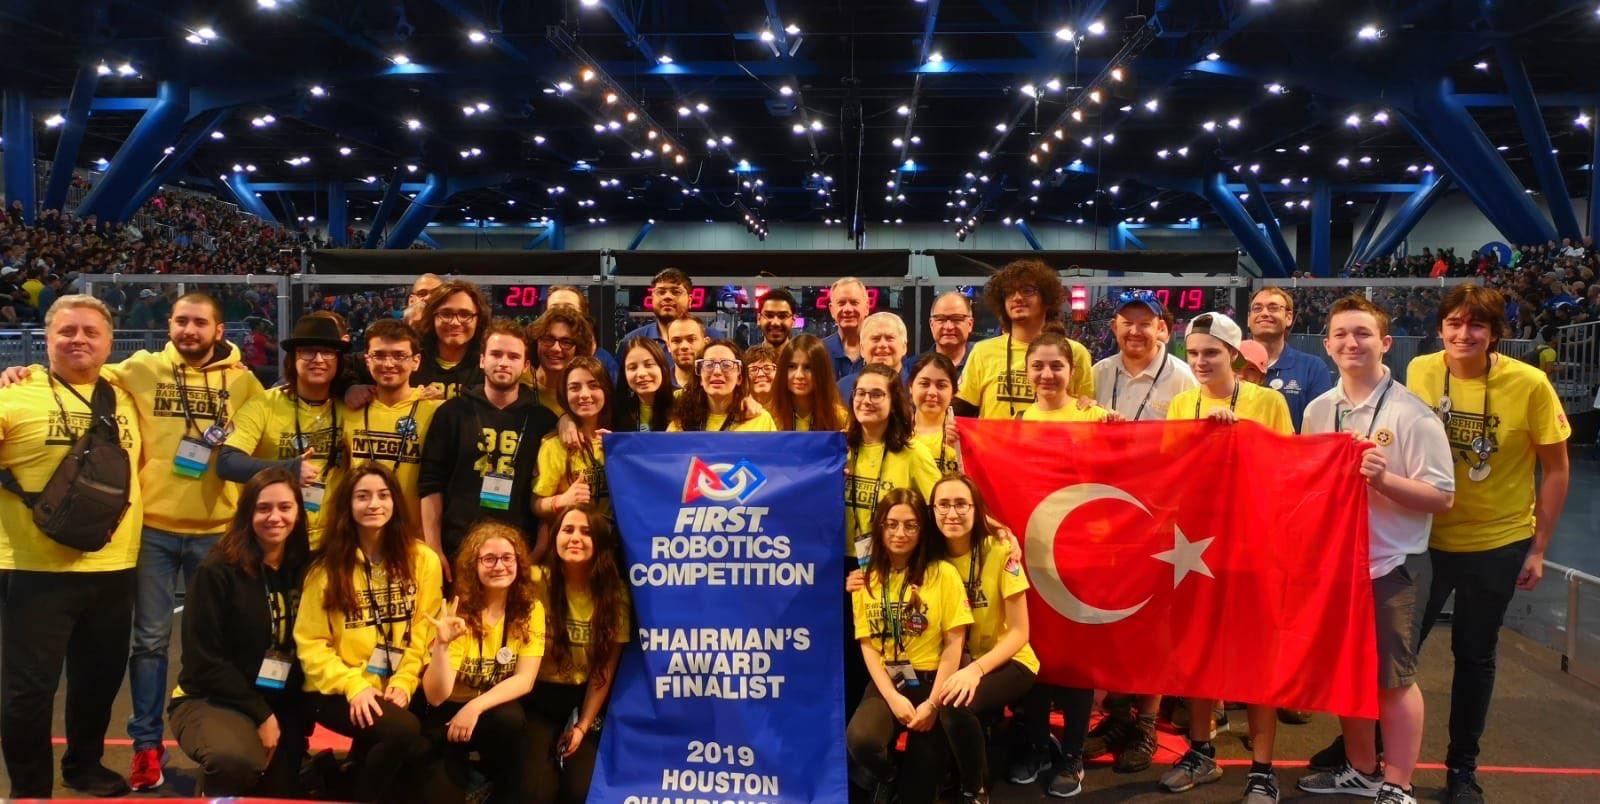 Bahçeşehir Koleji Fen ve Teknoloji Lisesi robotik takımı 8 bin takım arasından ilk üçe girdiler